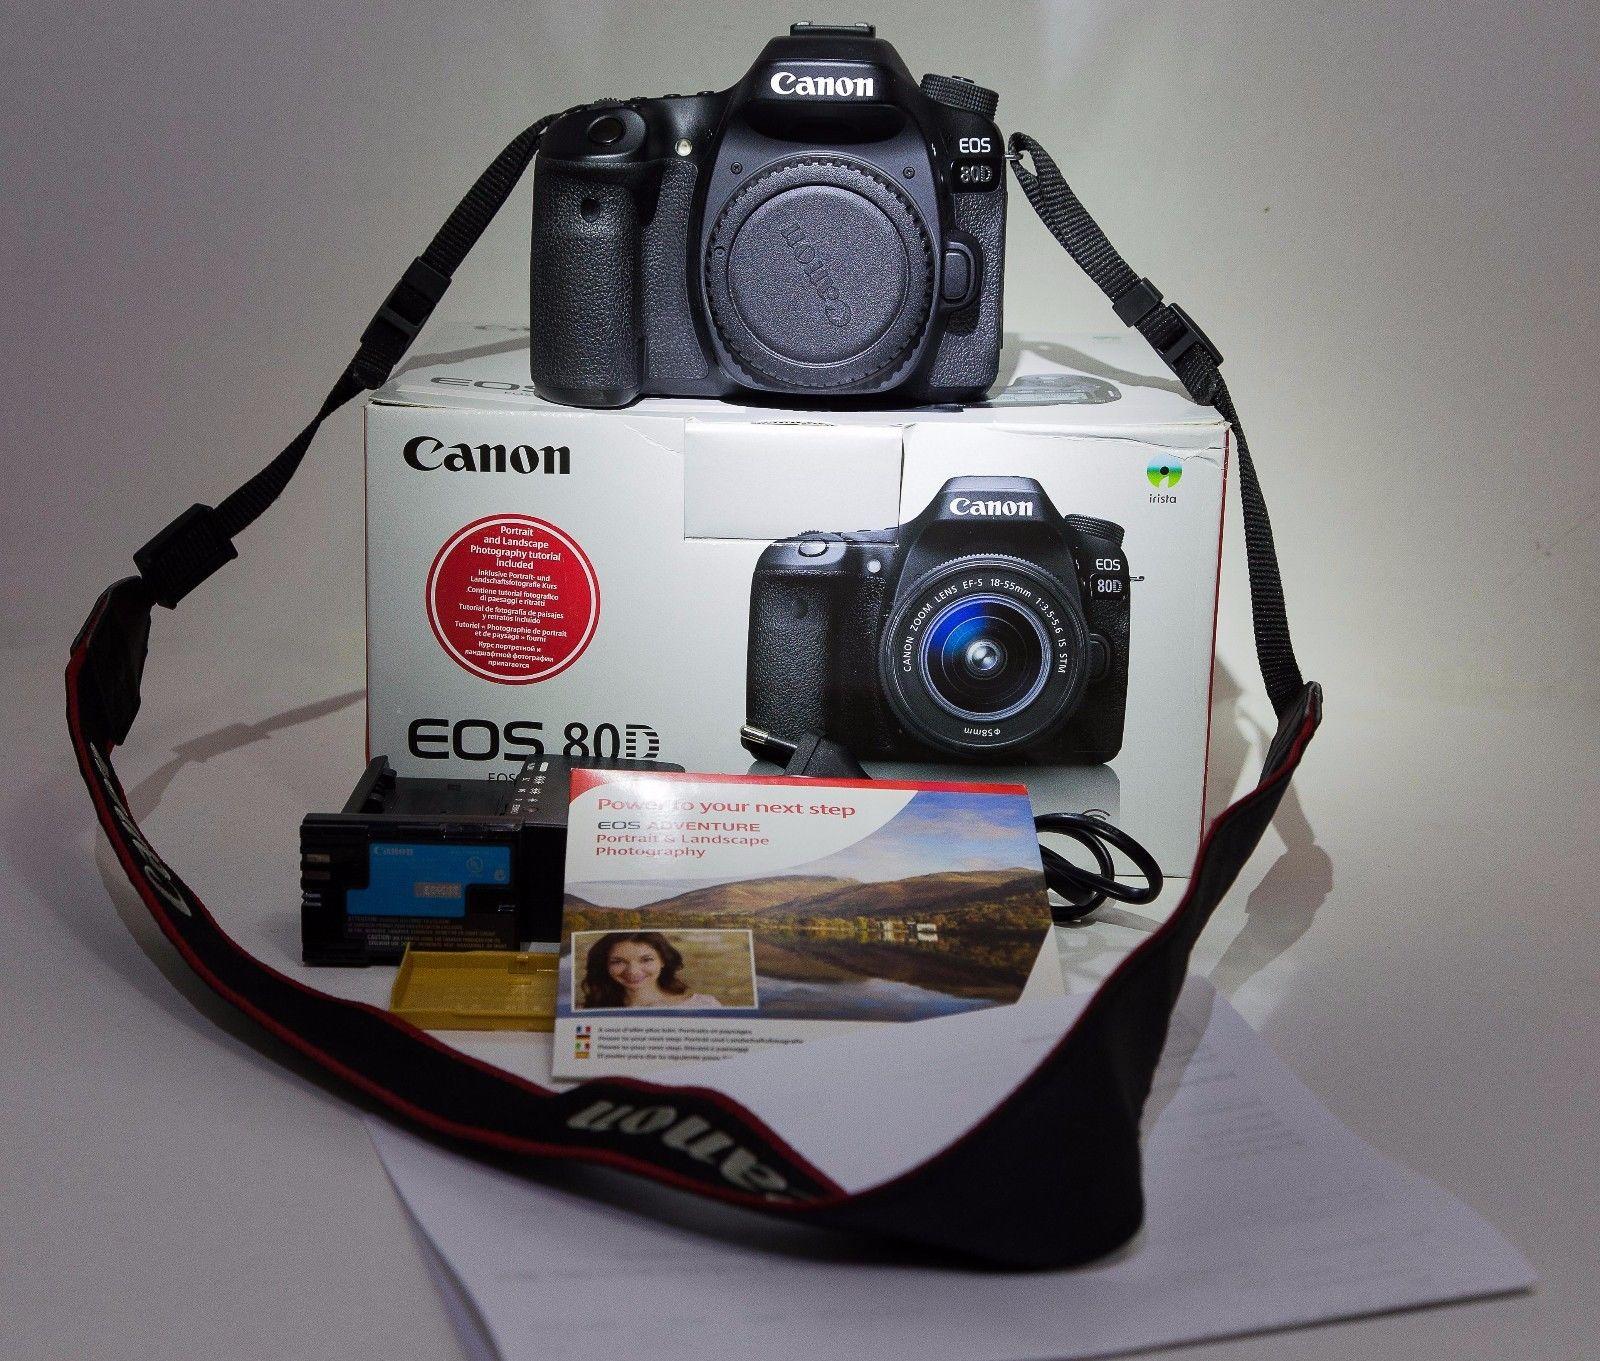 Canon EOS 80D 24.2 MP SLR-Digitalkamera - (Nur Gehäuse) top mit Restgarantie